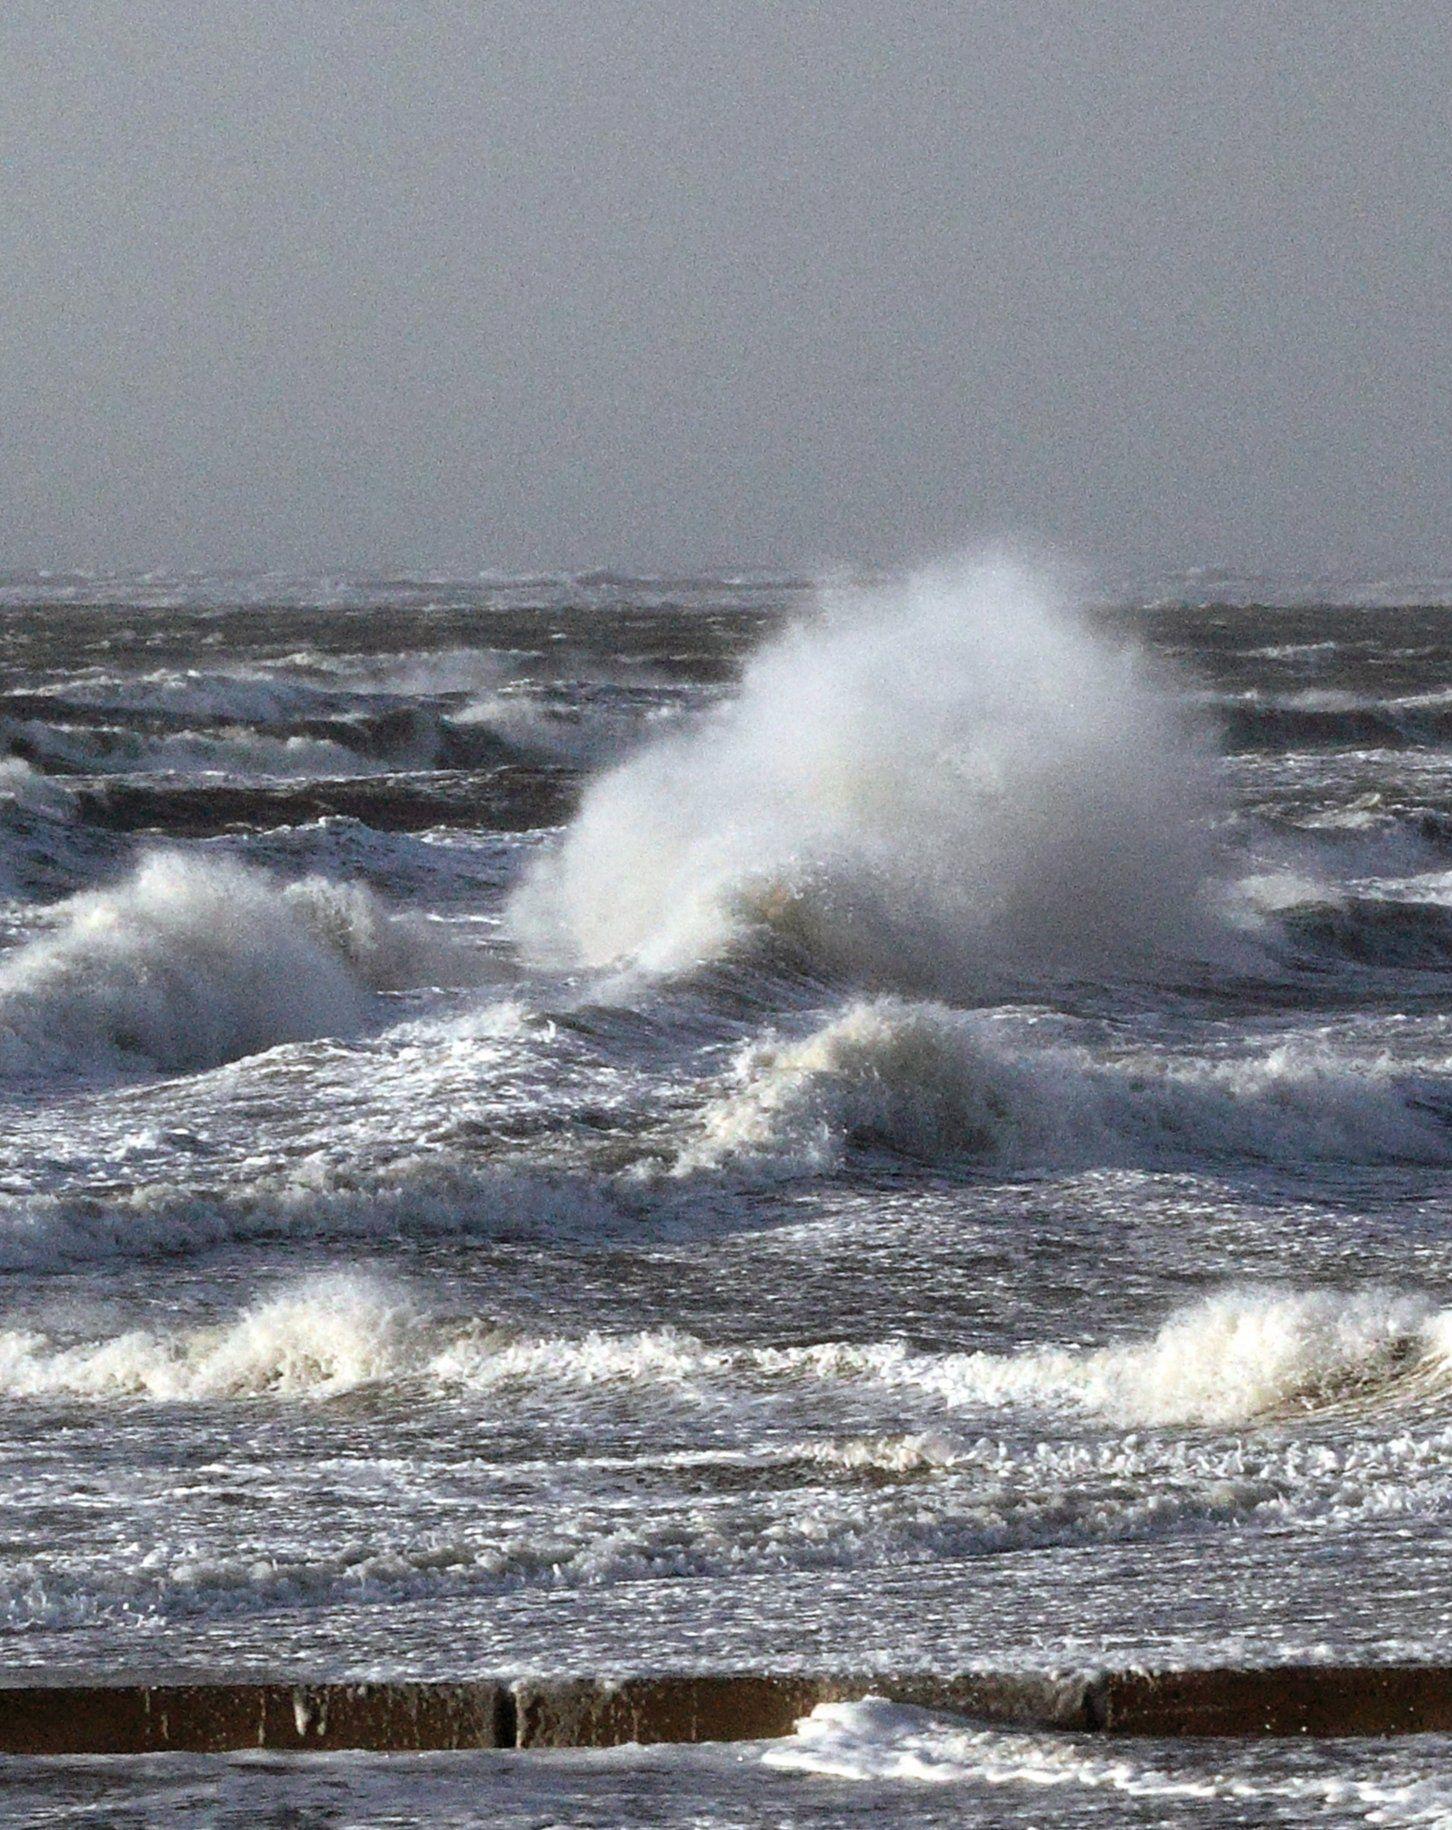 Sturm / Nordsee